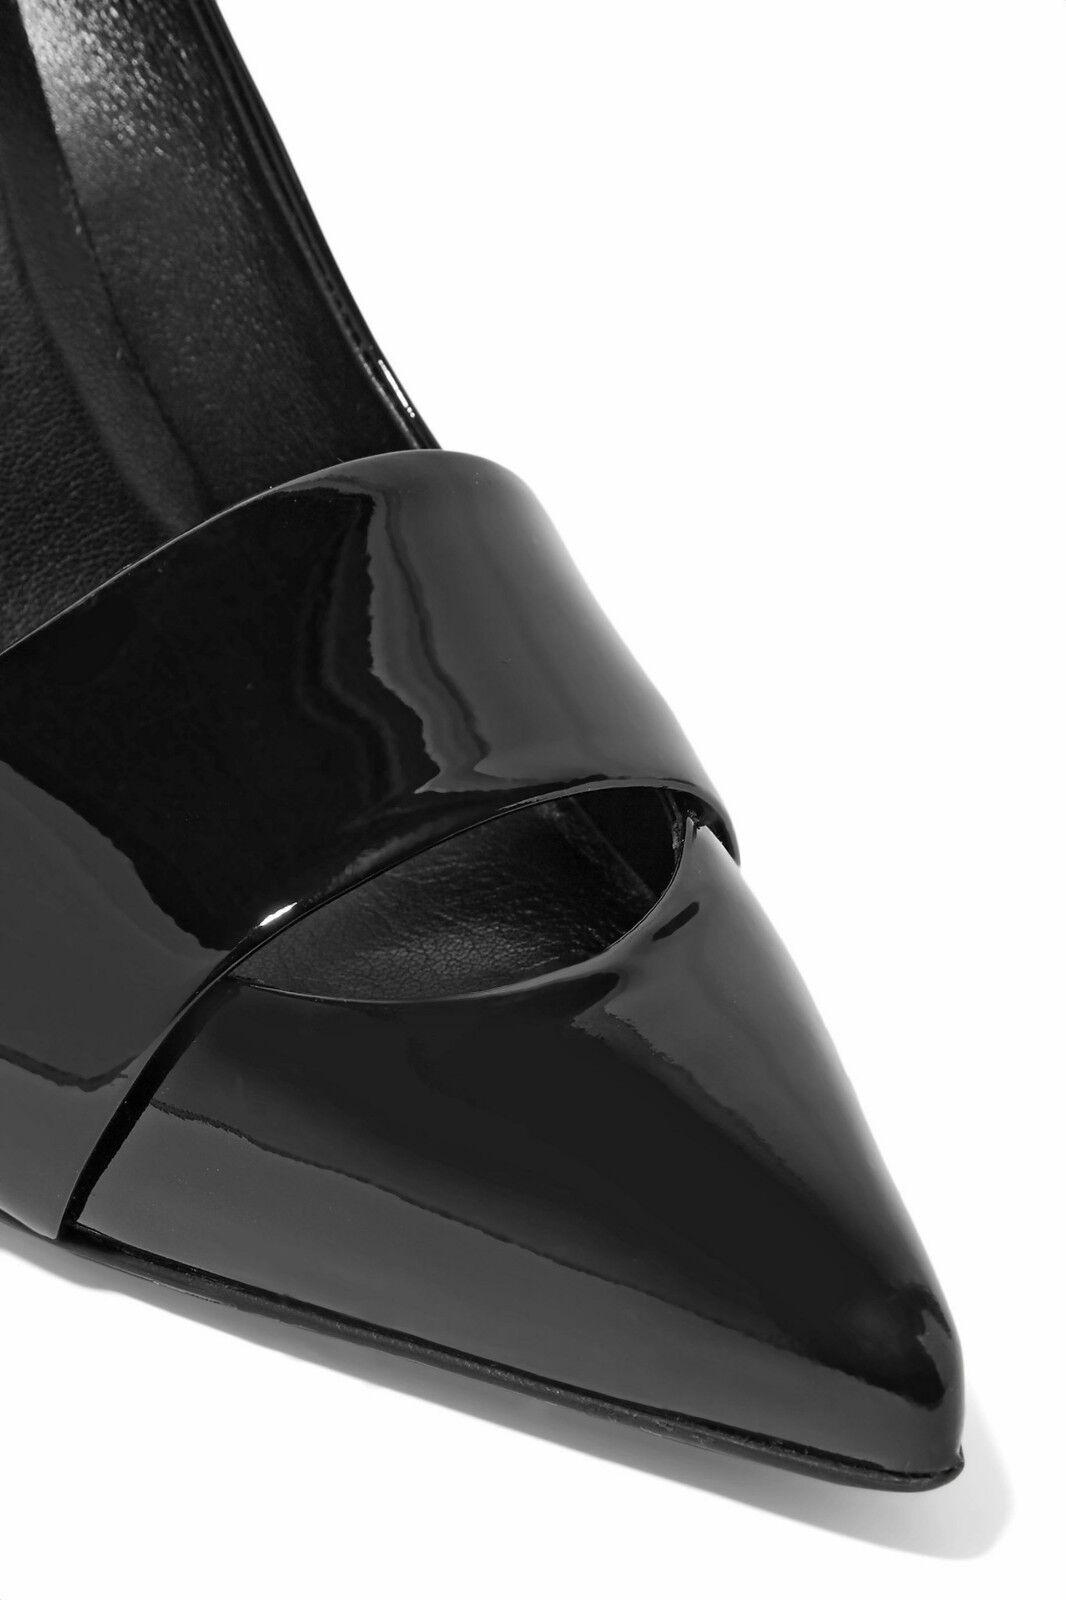 ROGER VIVIER Embellished patent-leather pumps. pumps. patent-leather Größe 35   US 5  1150 SOLD OUT 699ec2